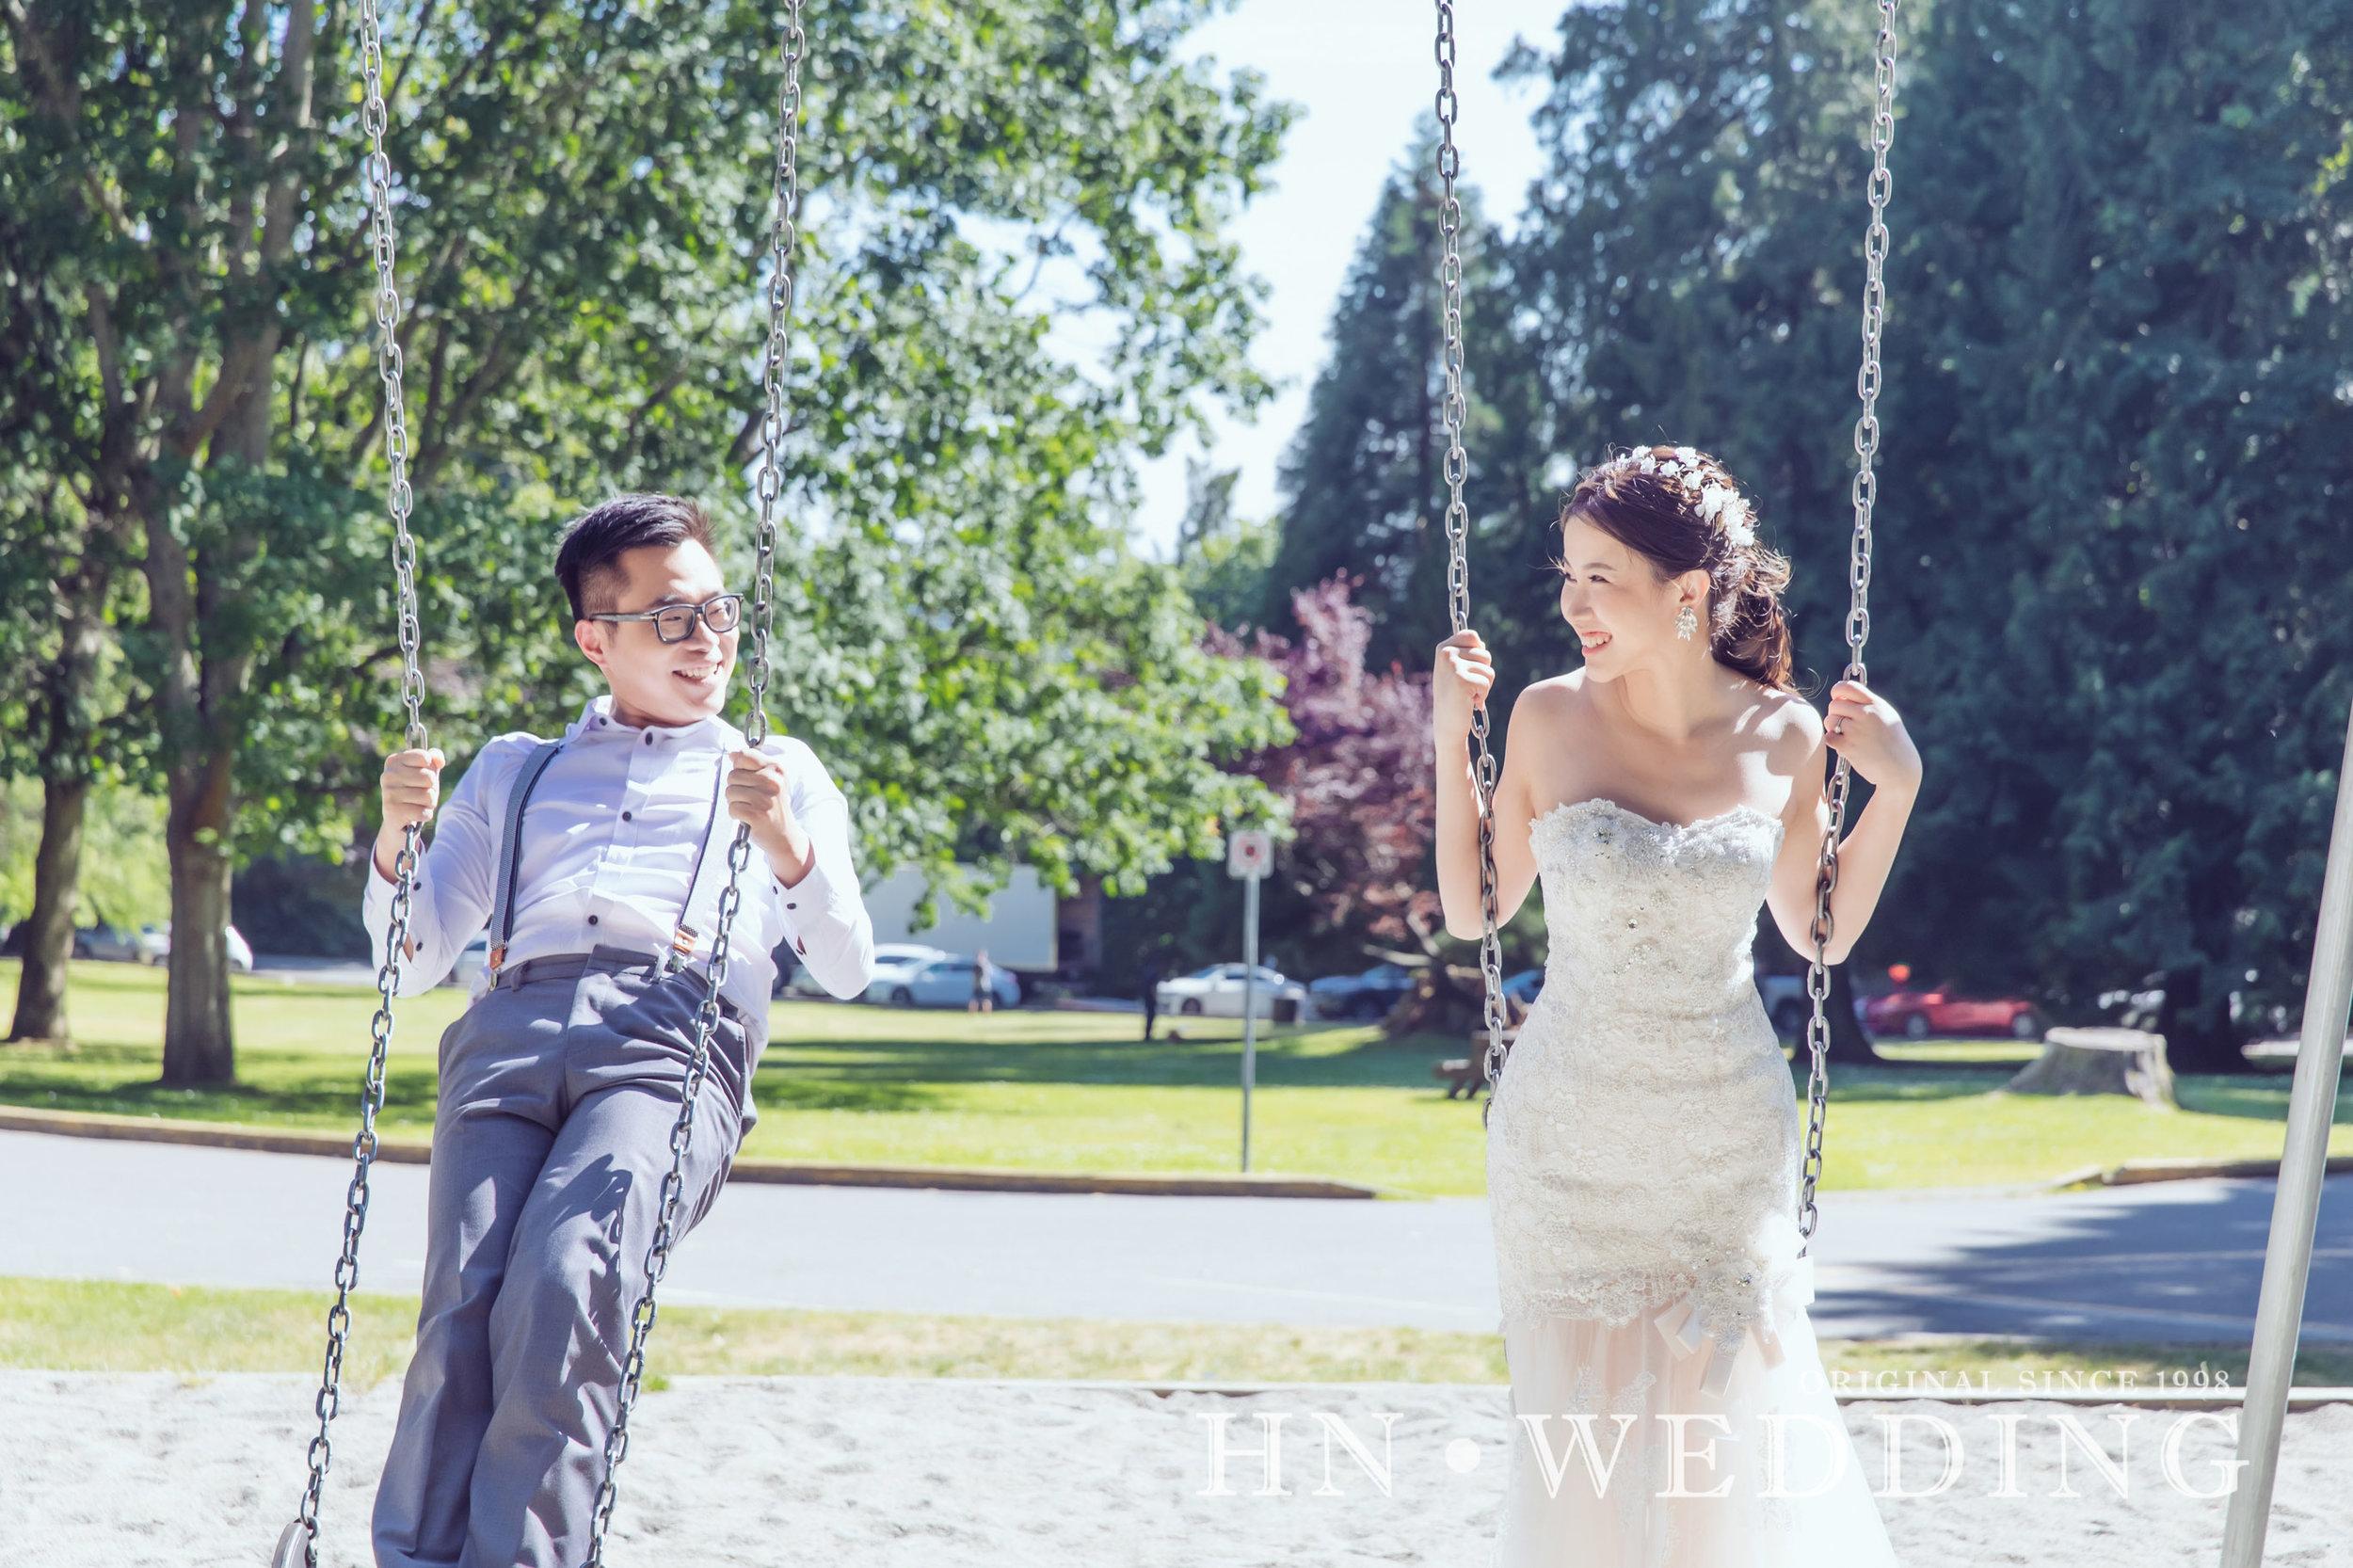 hnweddingpreweddingdayN&D-5.jpg